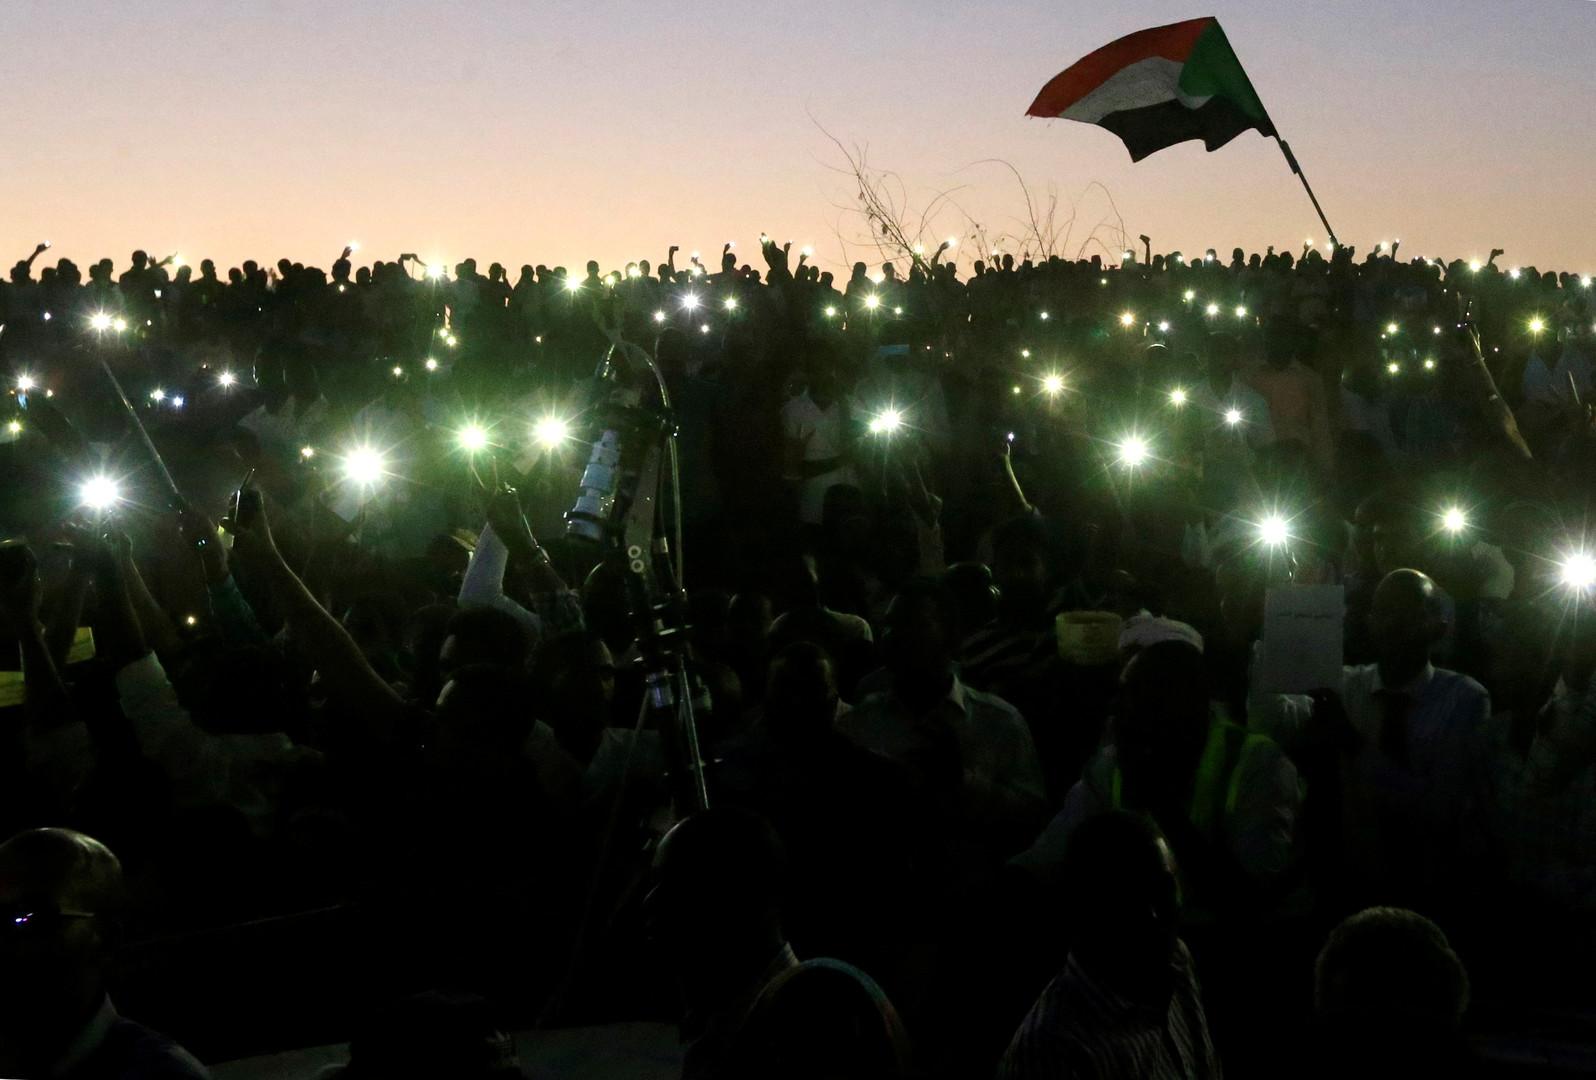 قادة المحتجين في السودان: سنعلن تشكيلة هيئة سلطة مدنية خلال أيام ولن نقبل تمديد حكم العسكر